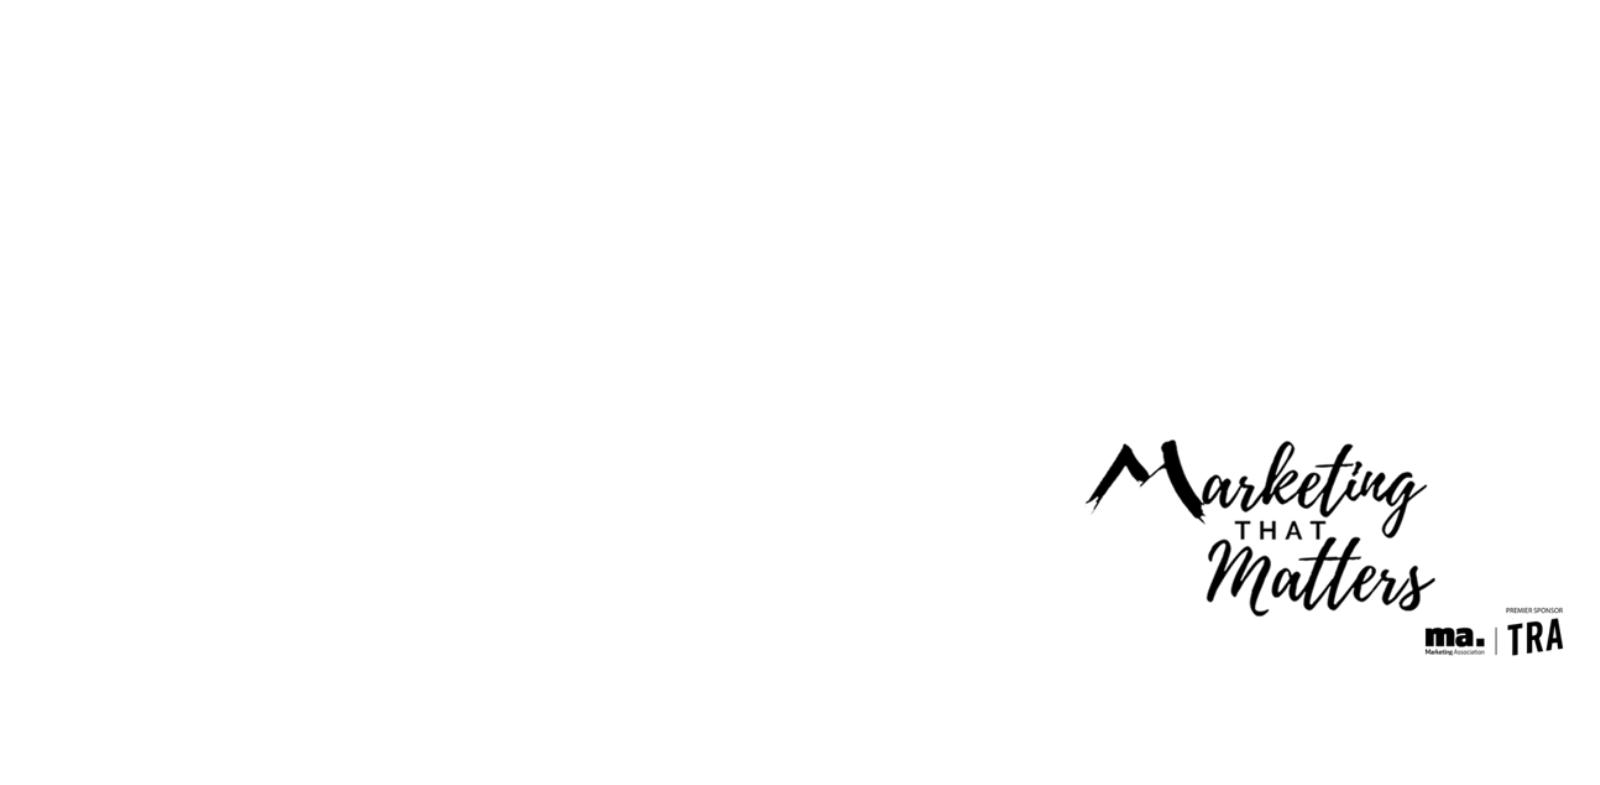 MTM Header Image -May-28-2021-04-36-16-68-AM